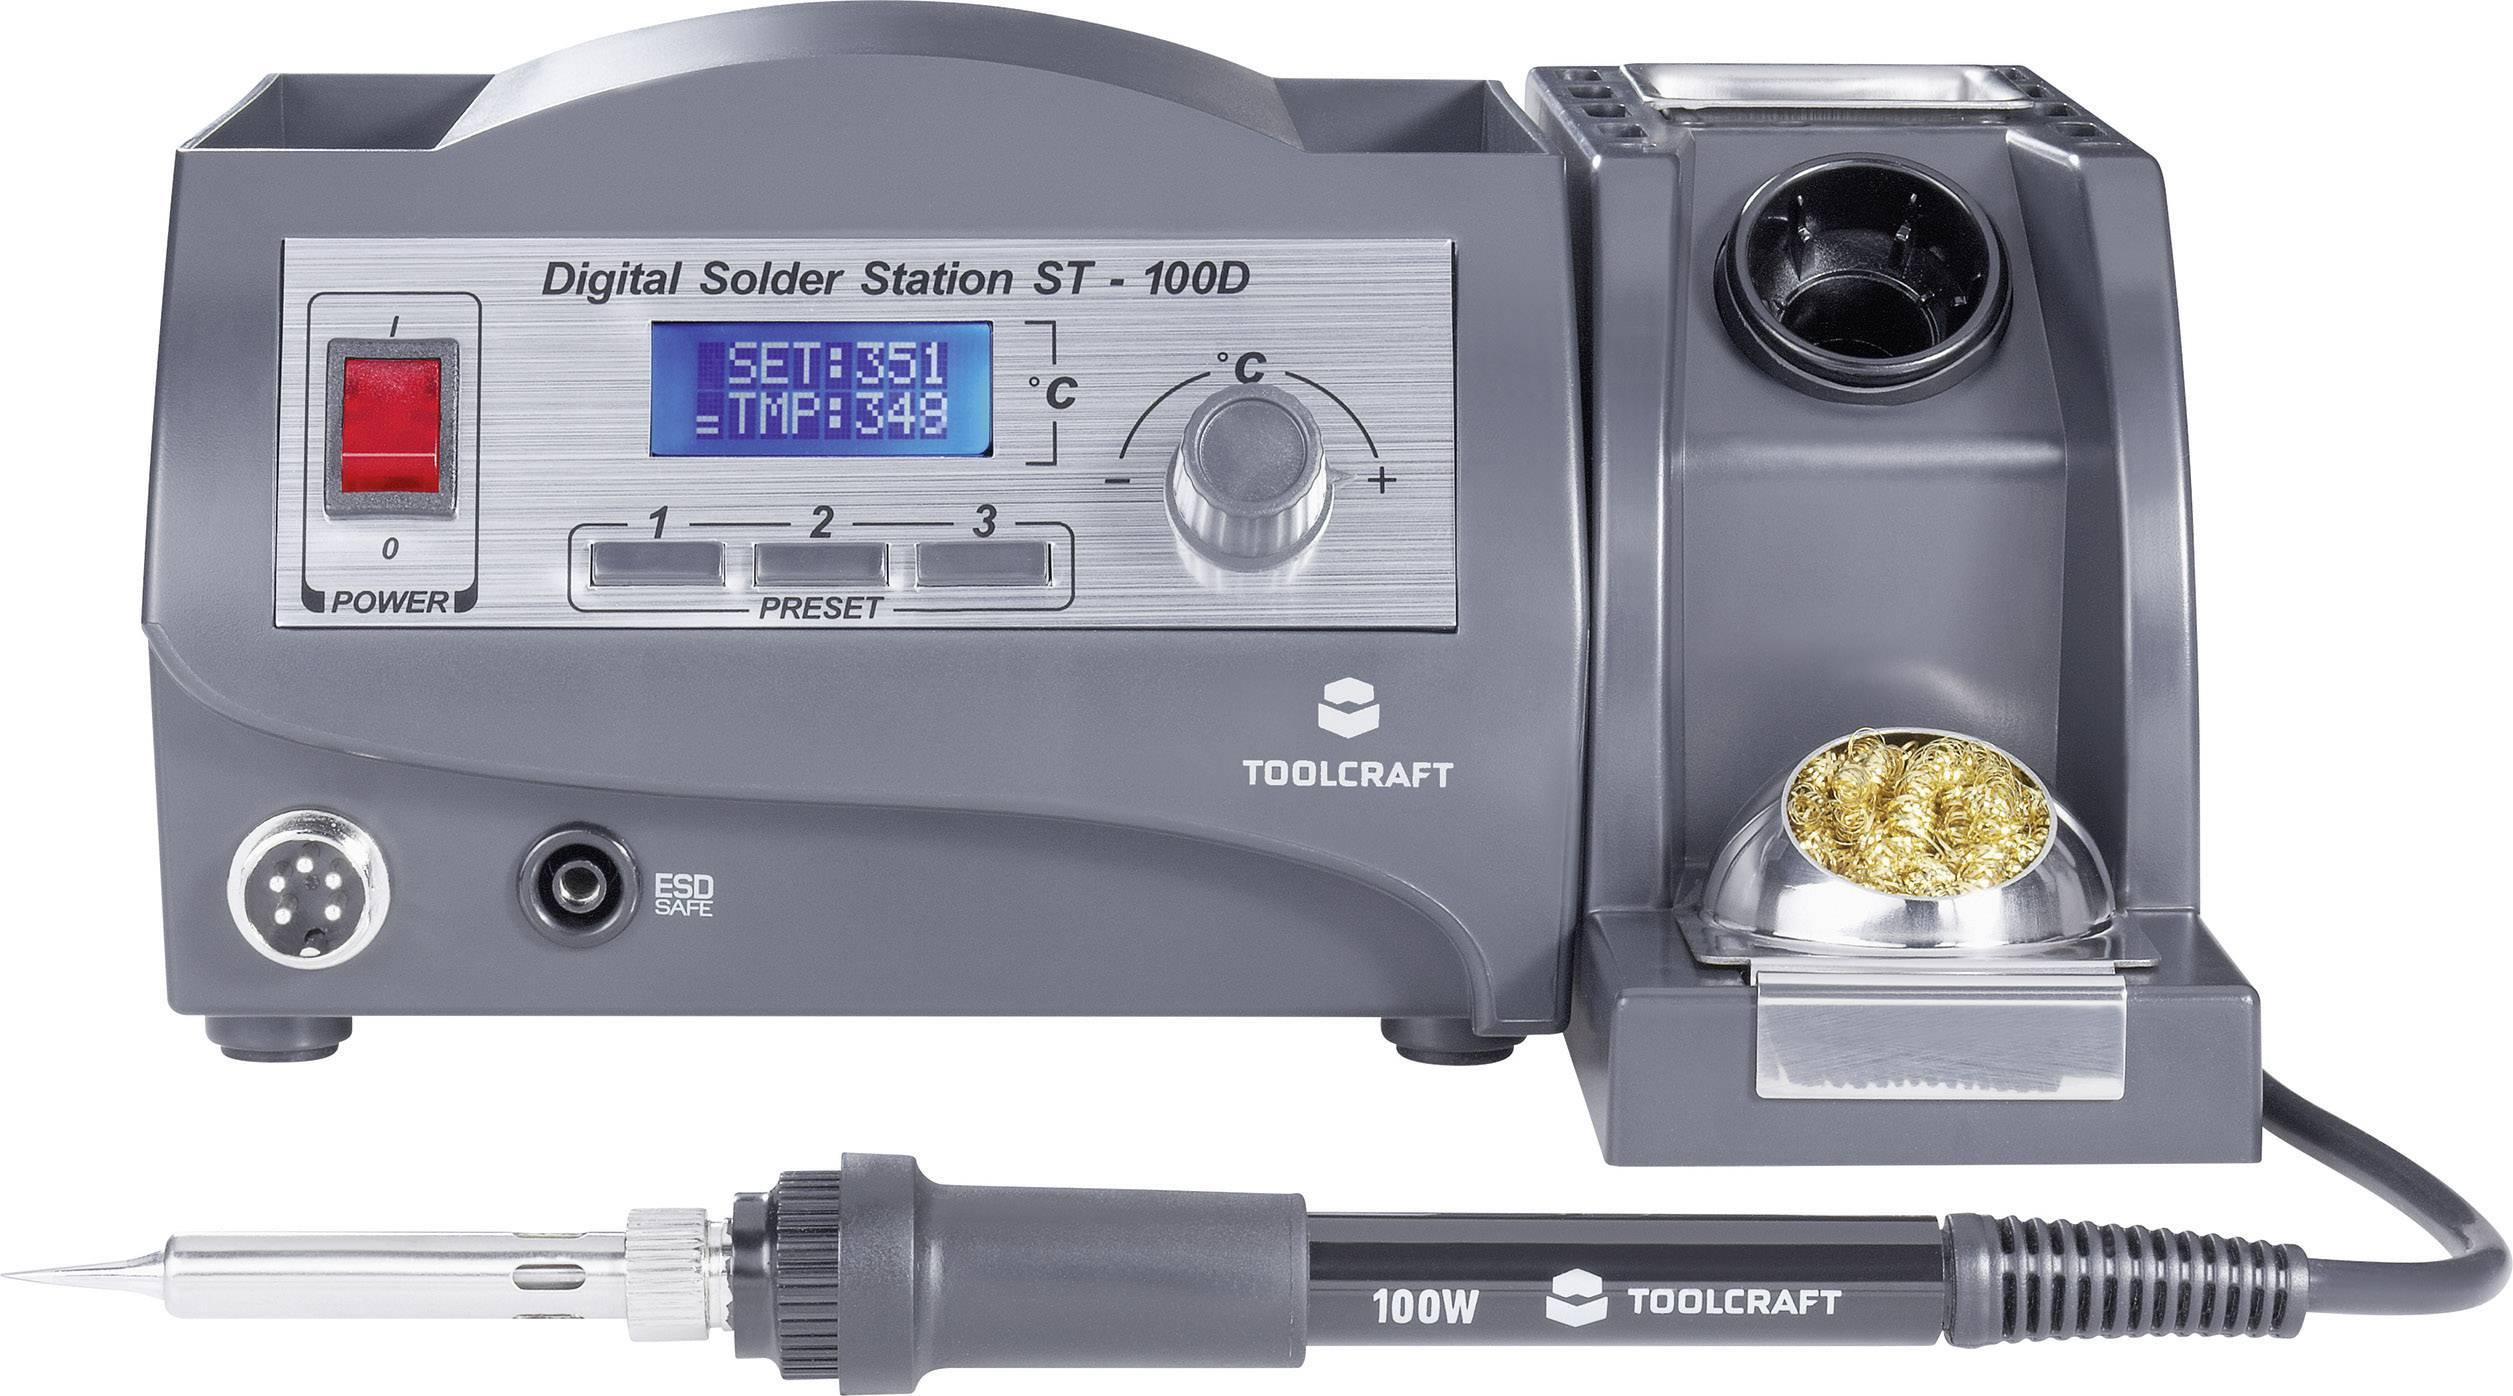 Digitální pájecí stanice TOOLCRAFT ST-100D SE, 100 W, 150 až 450 °C výroční edice